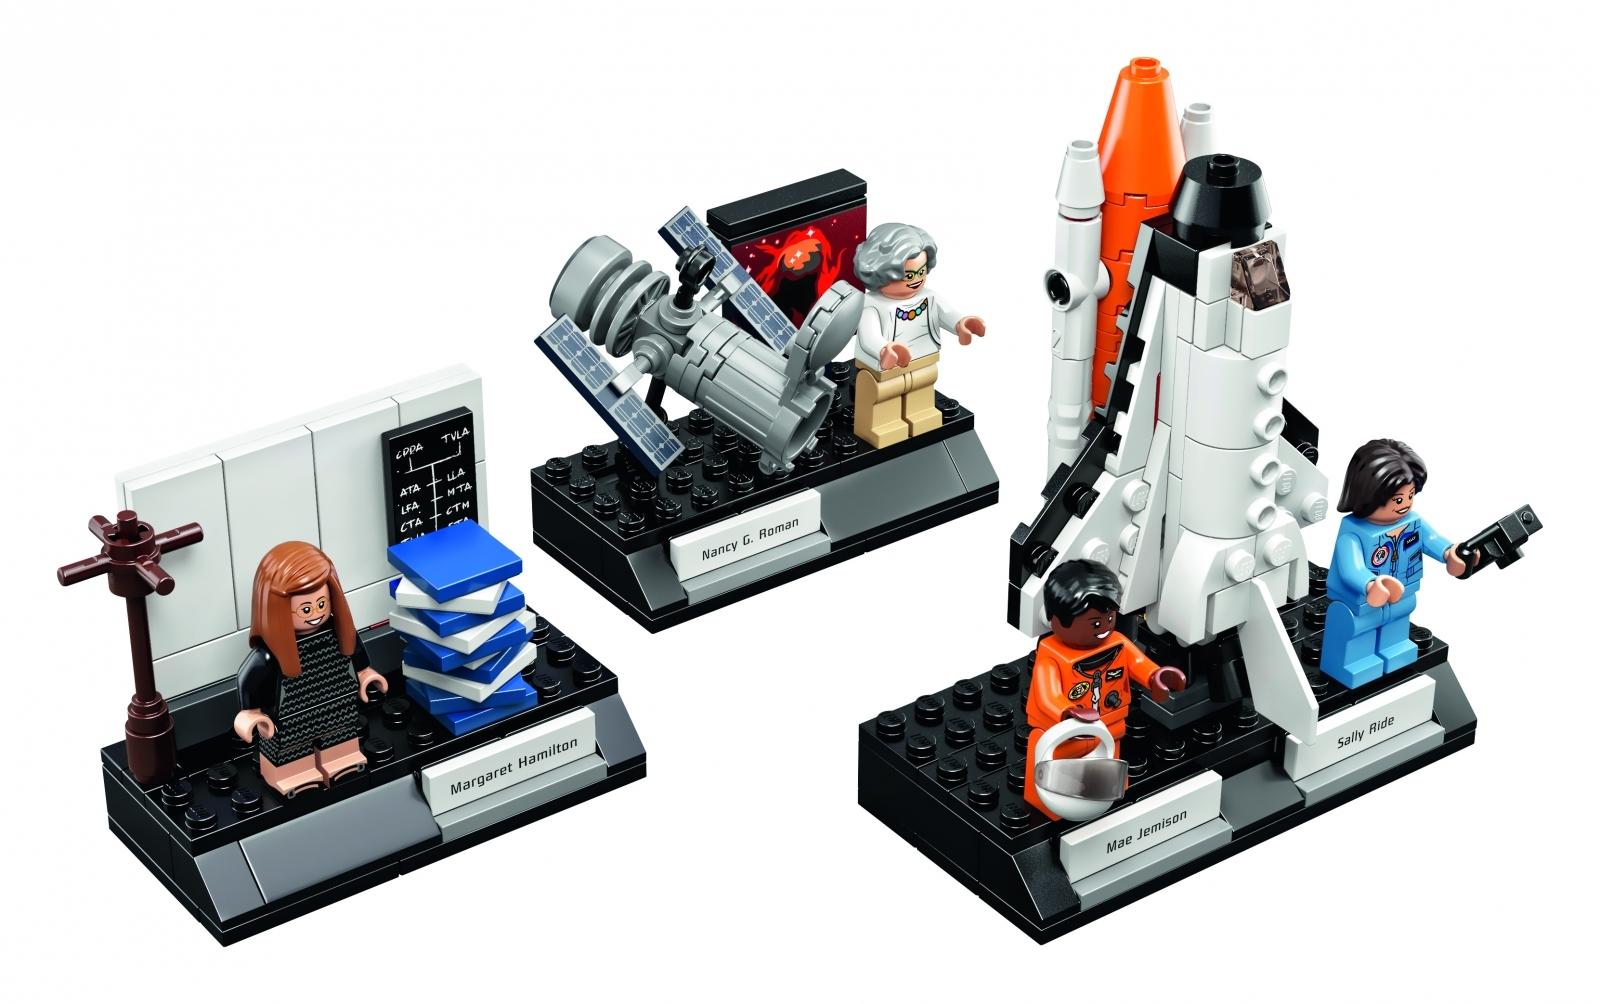 The Lego Women of Nasa toy set